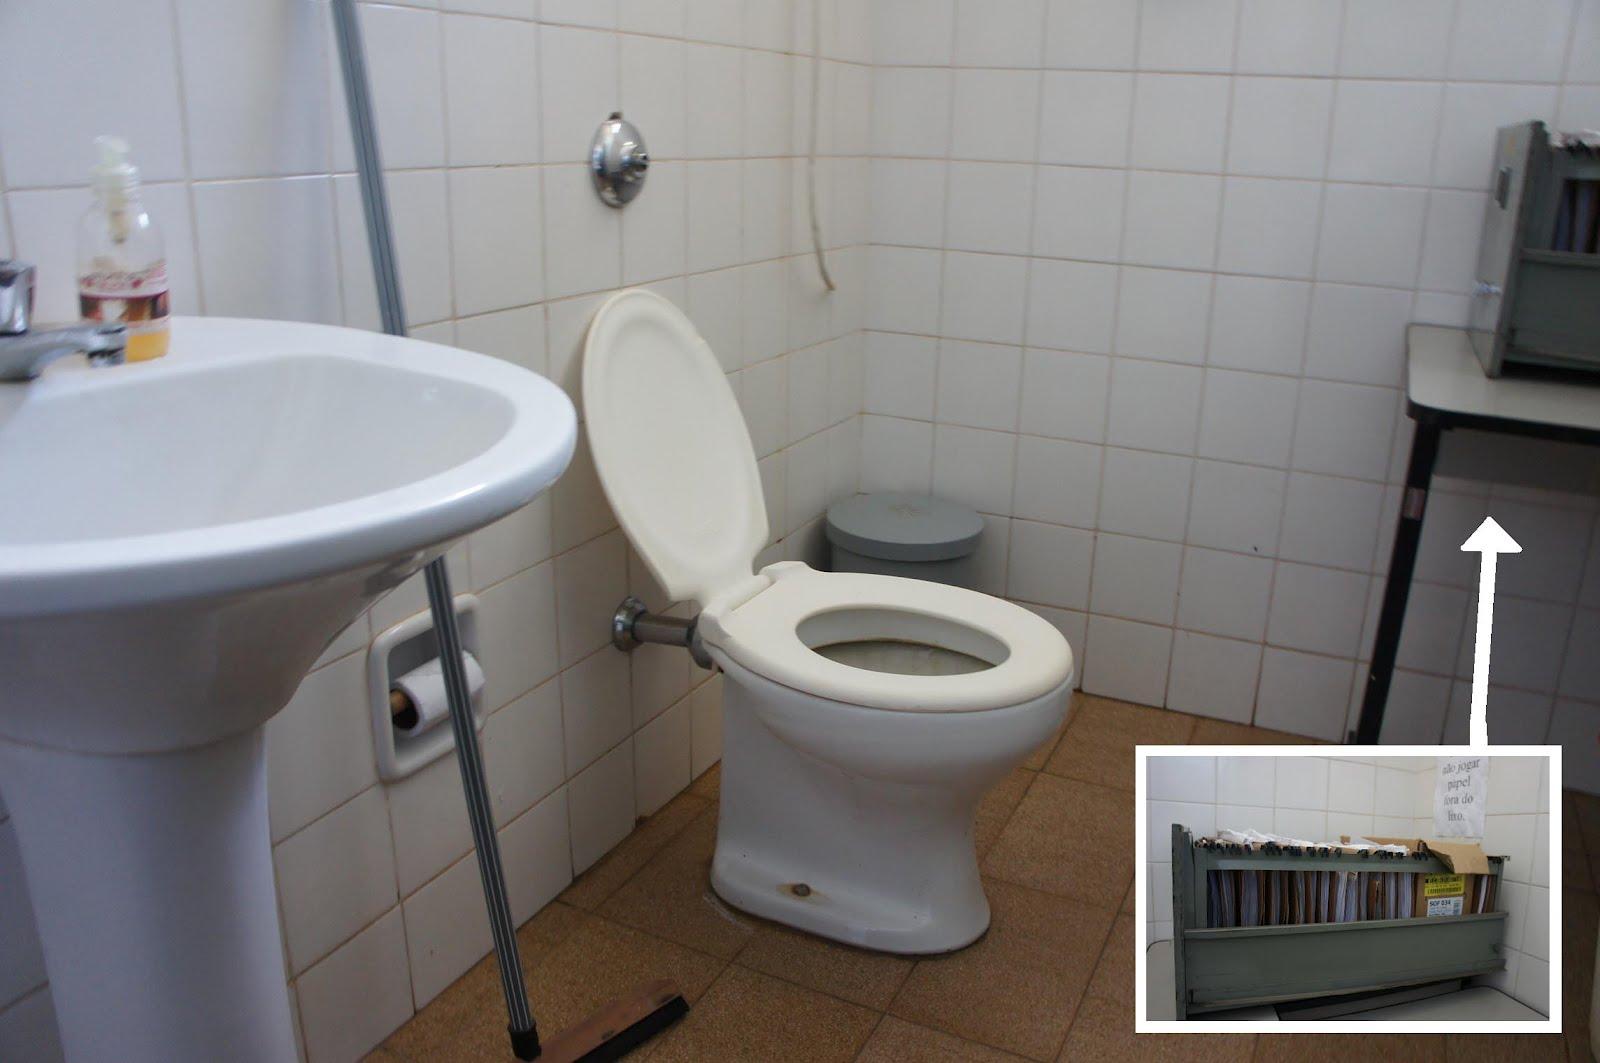 Imagens do Dia: Banheiro: Posto de Saúde Bairro Santa Marta #5C4938 1600 1063